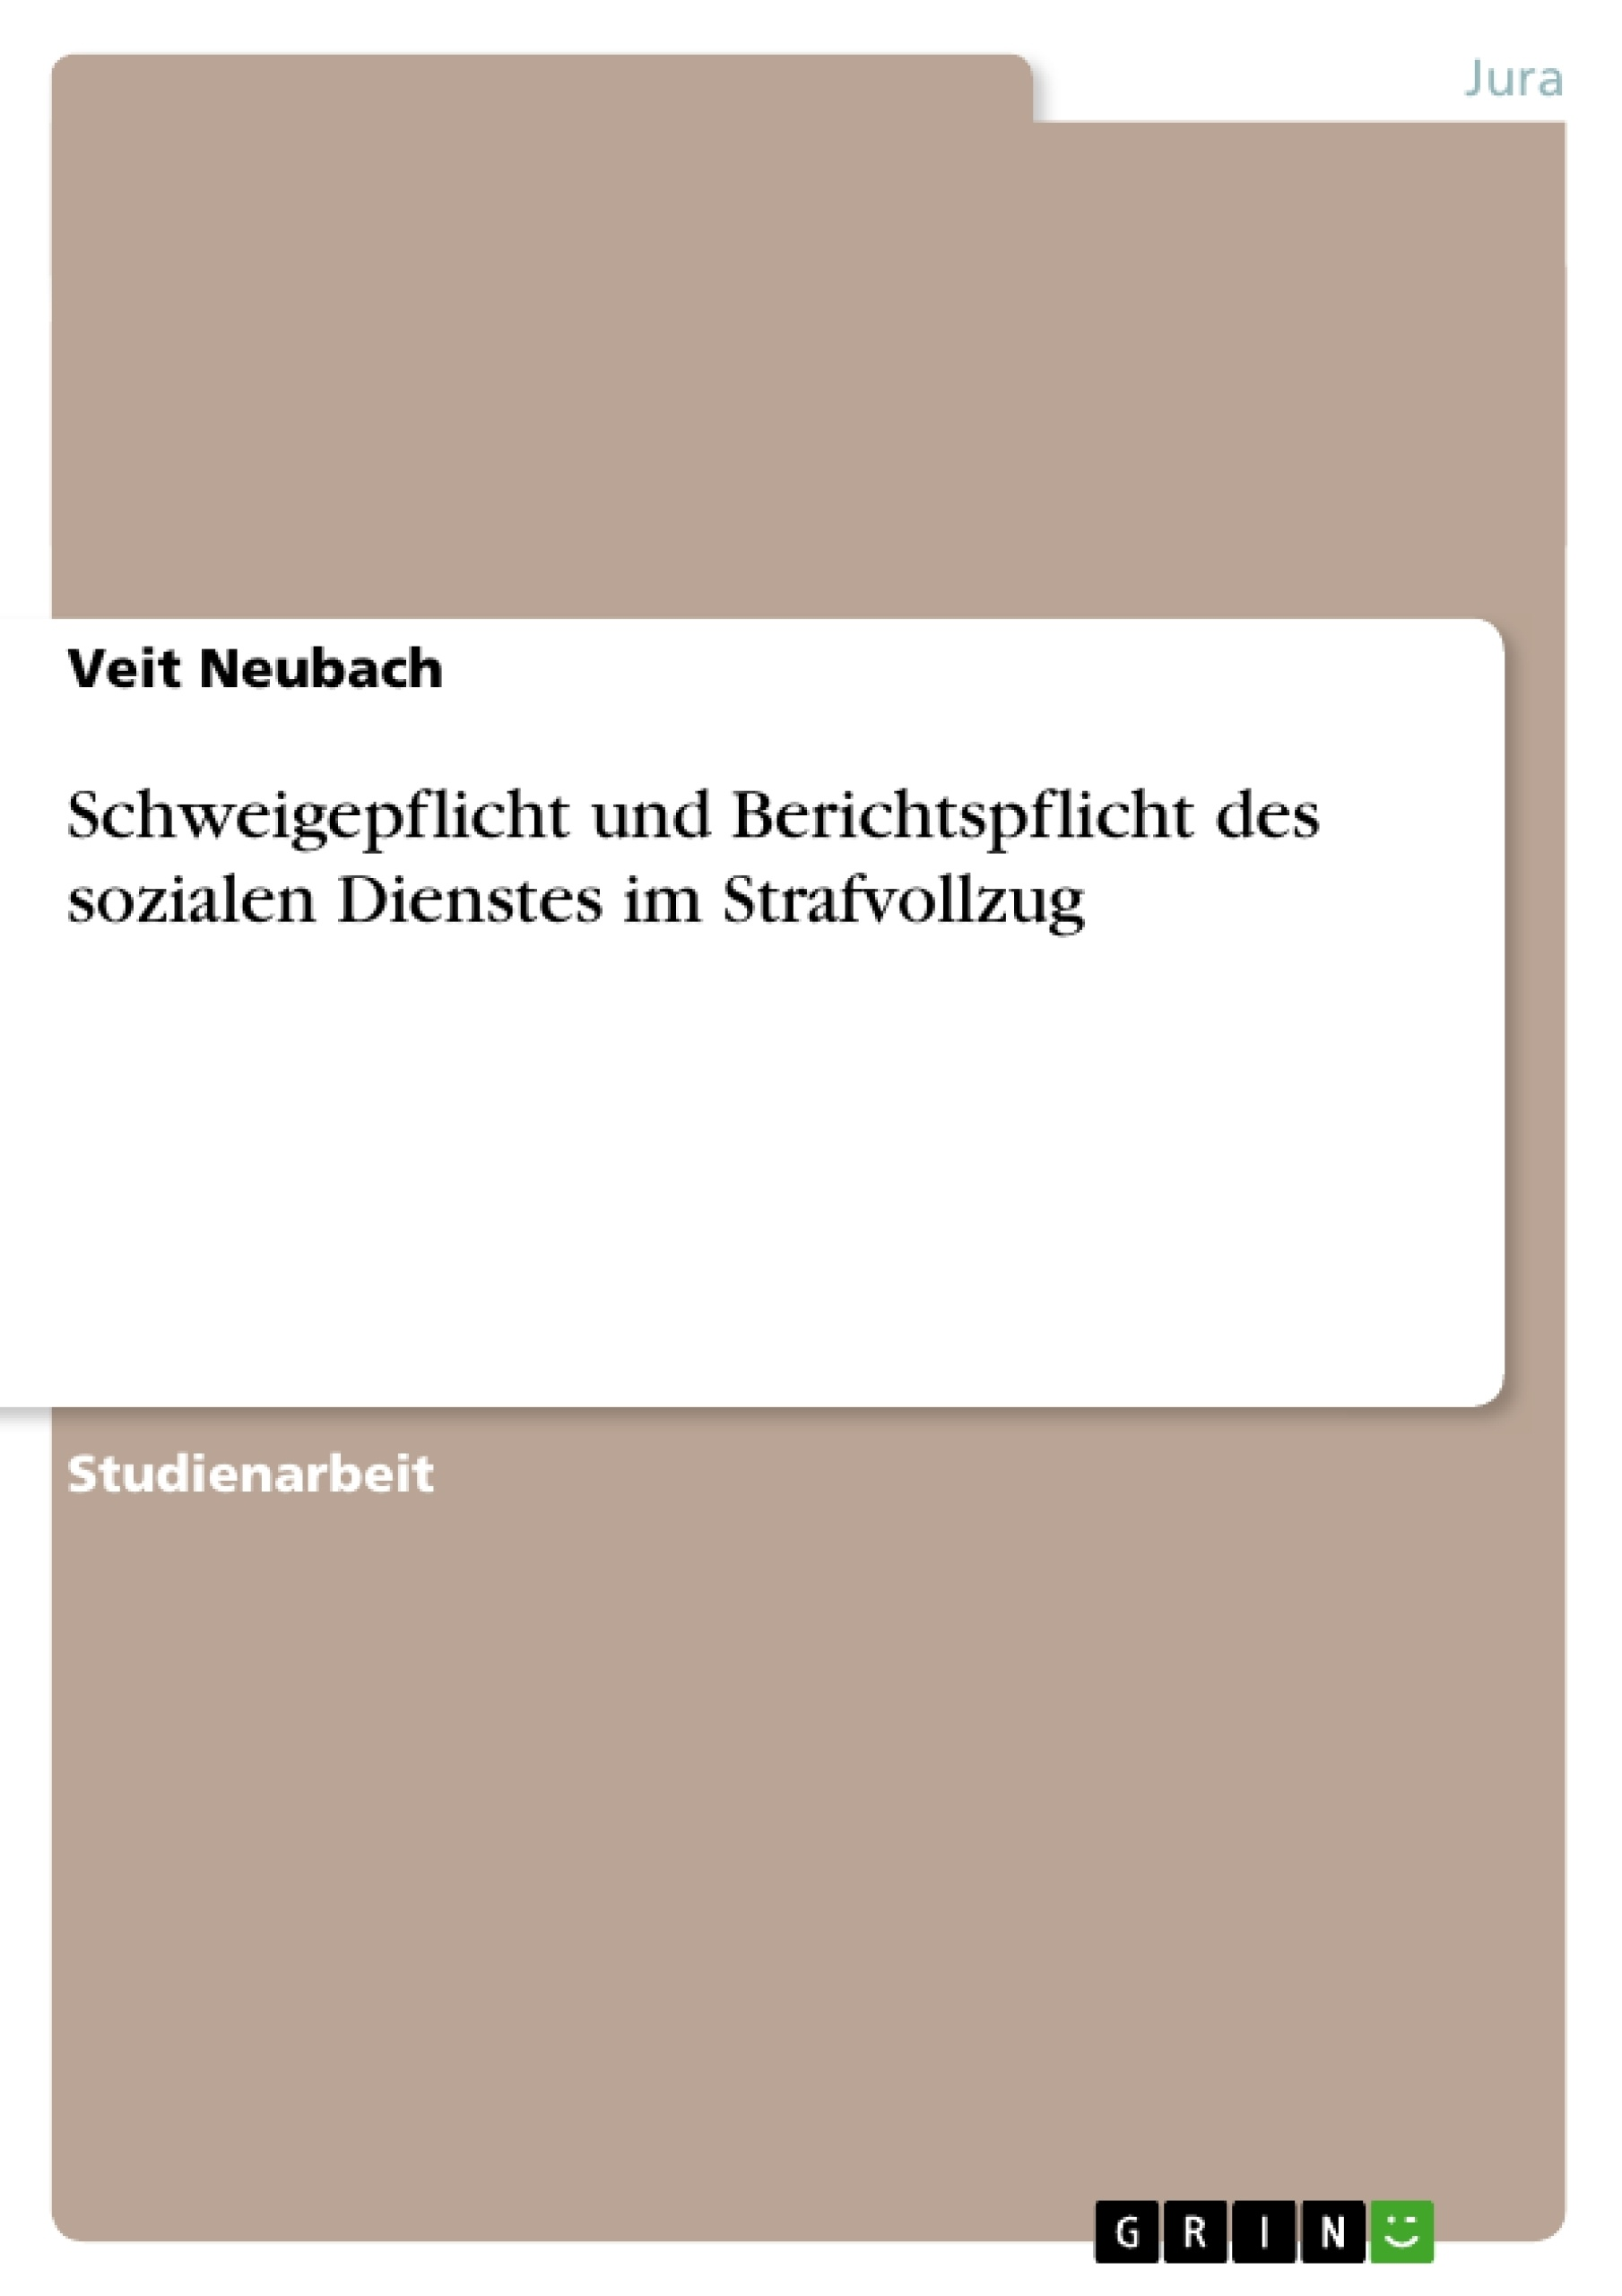 Titel: Schweigepflicht und Berichtspflicht des sozialen Dienstes im Strafvollzug